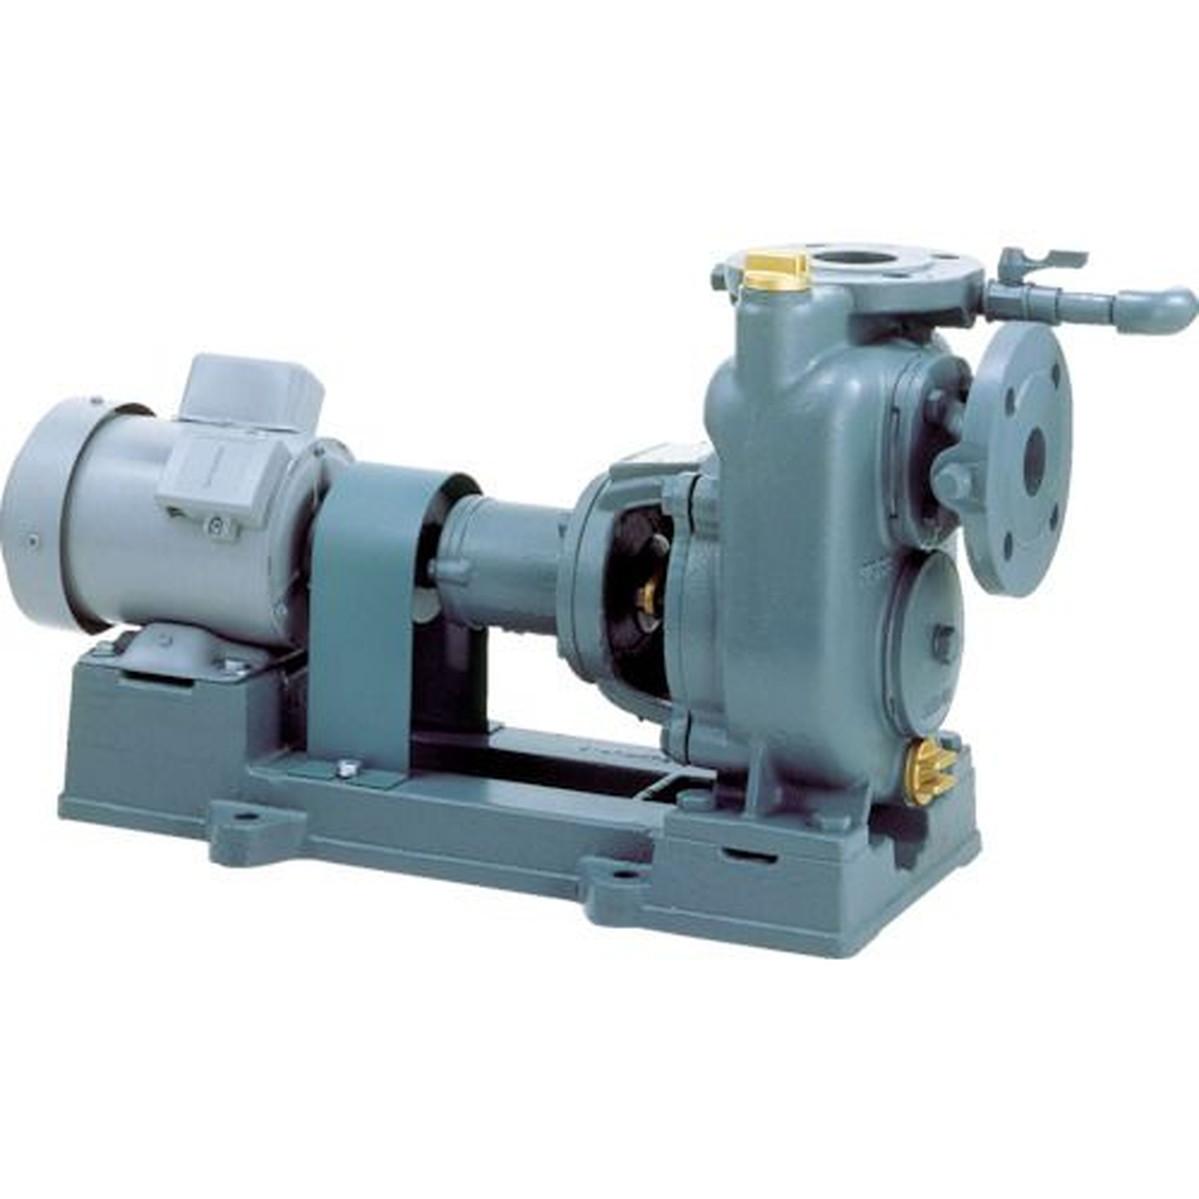 国内発送 テラル 1台 自吸式渦巻きポンプ三相200 吐出量70L/min 1台, 記念品と表彰用品の123トロフィー:f51895fd --- dibranet.com